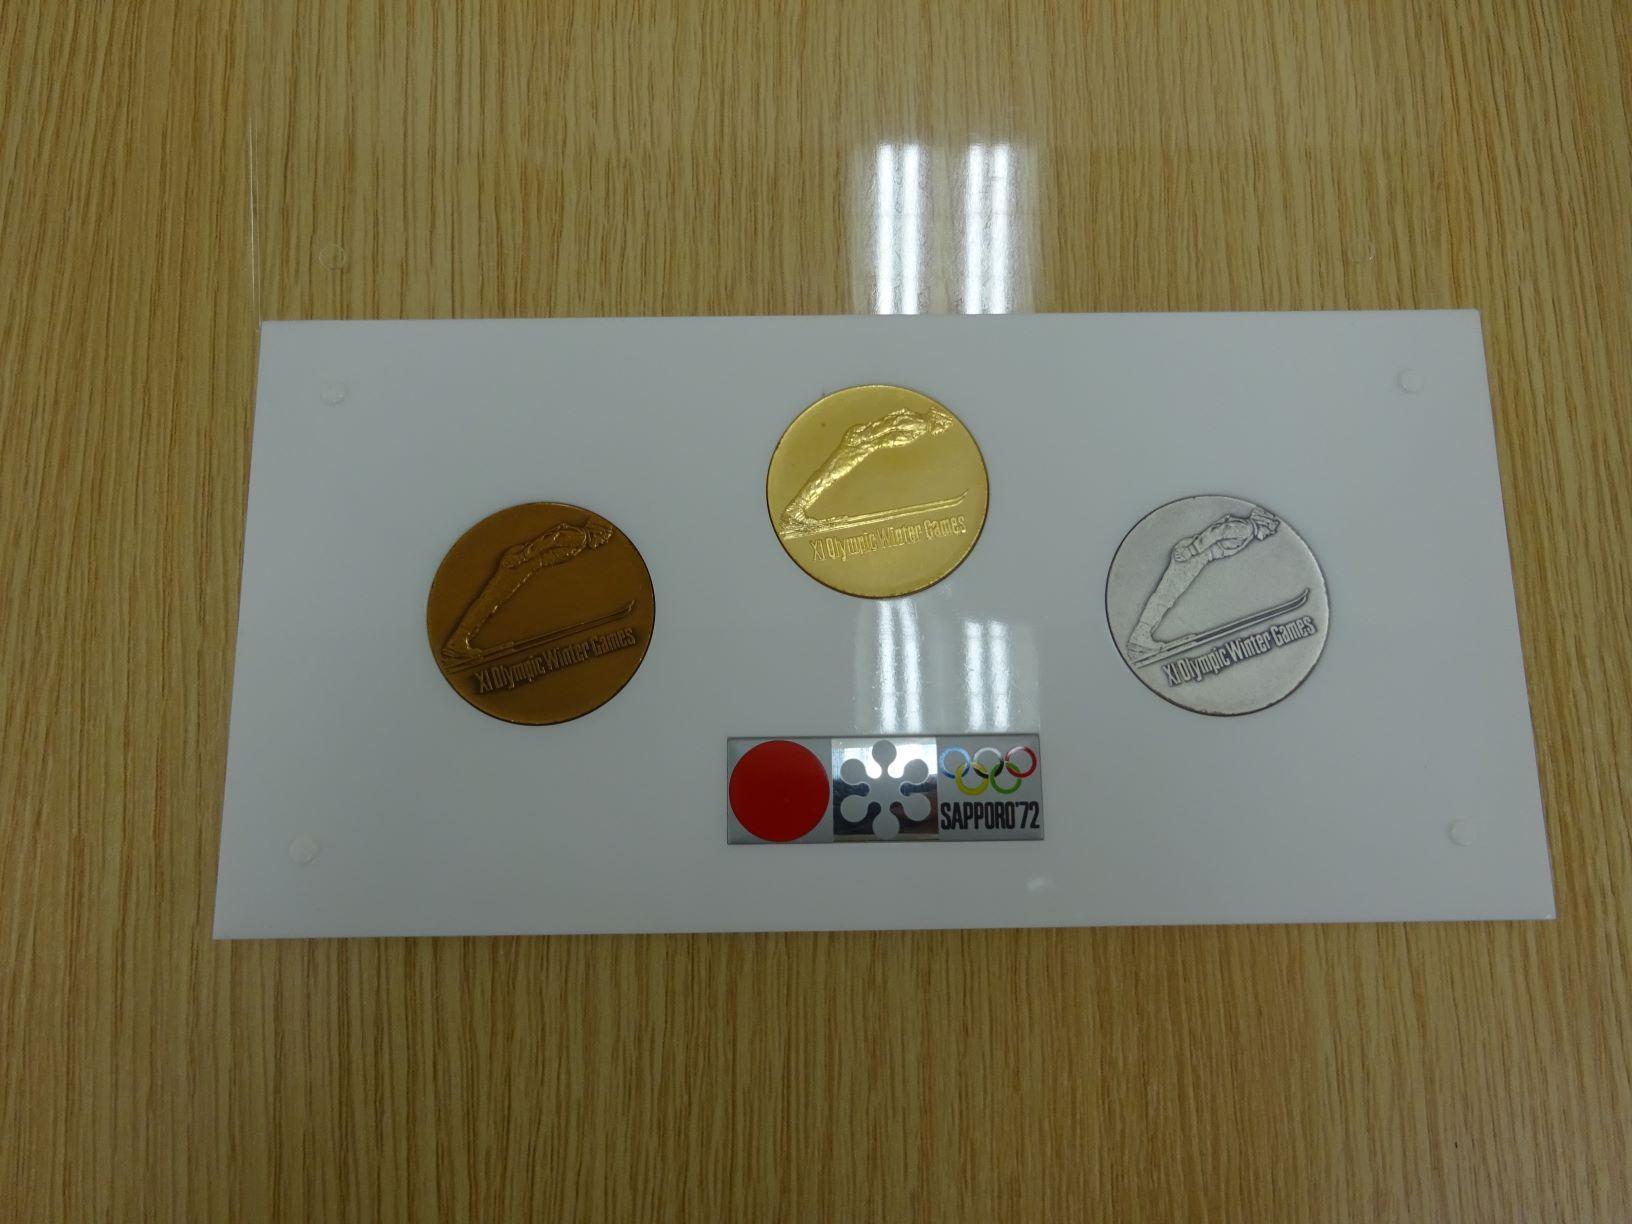 第11回札幌オリンピック記念メダル 金銀銅セット